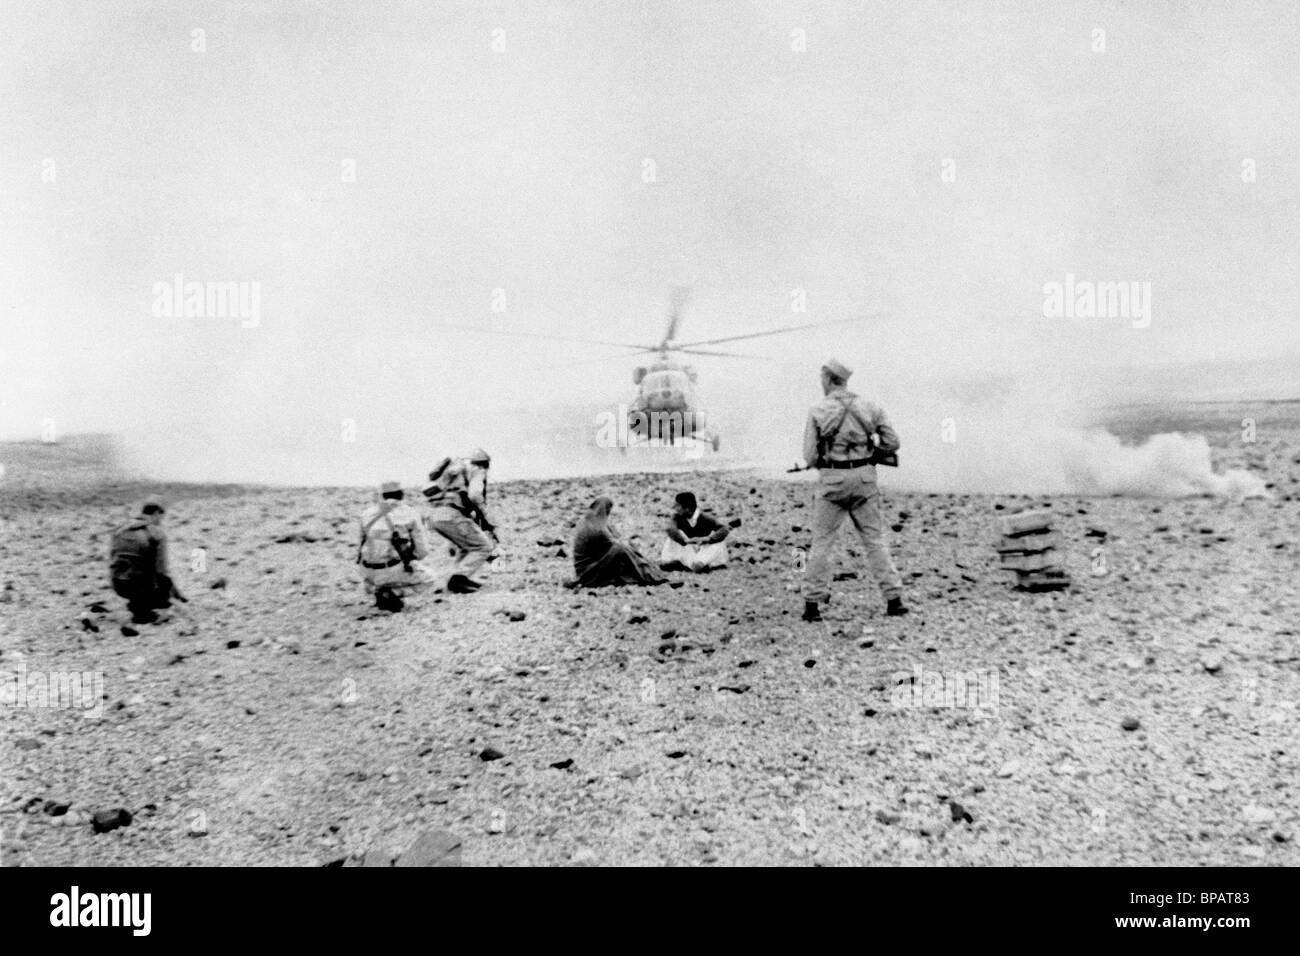 Soviet Afghanistan war - Page 6 Soviet-troops-in-afghanistan-1991-BPAT83